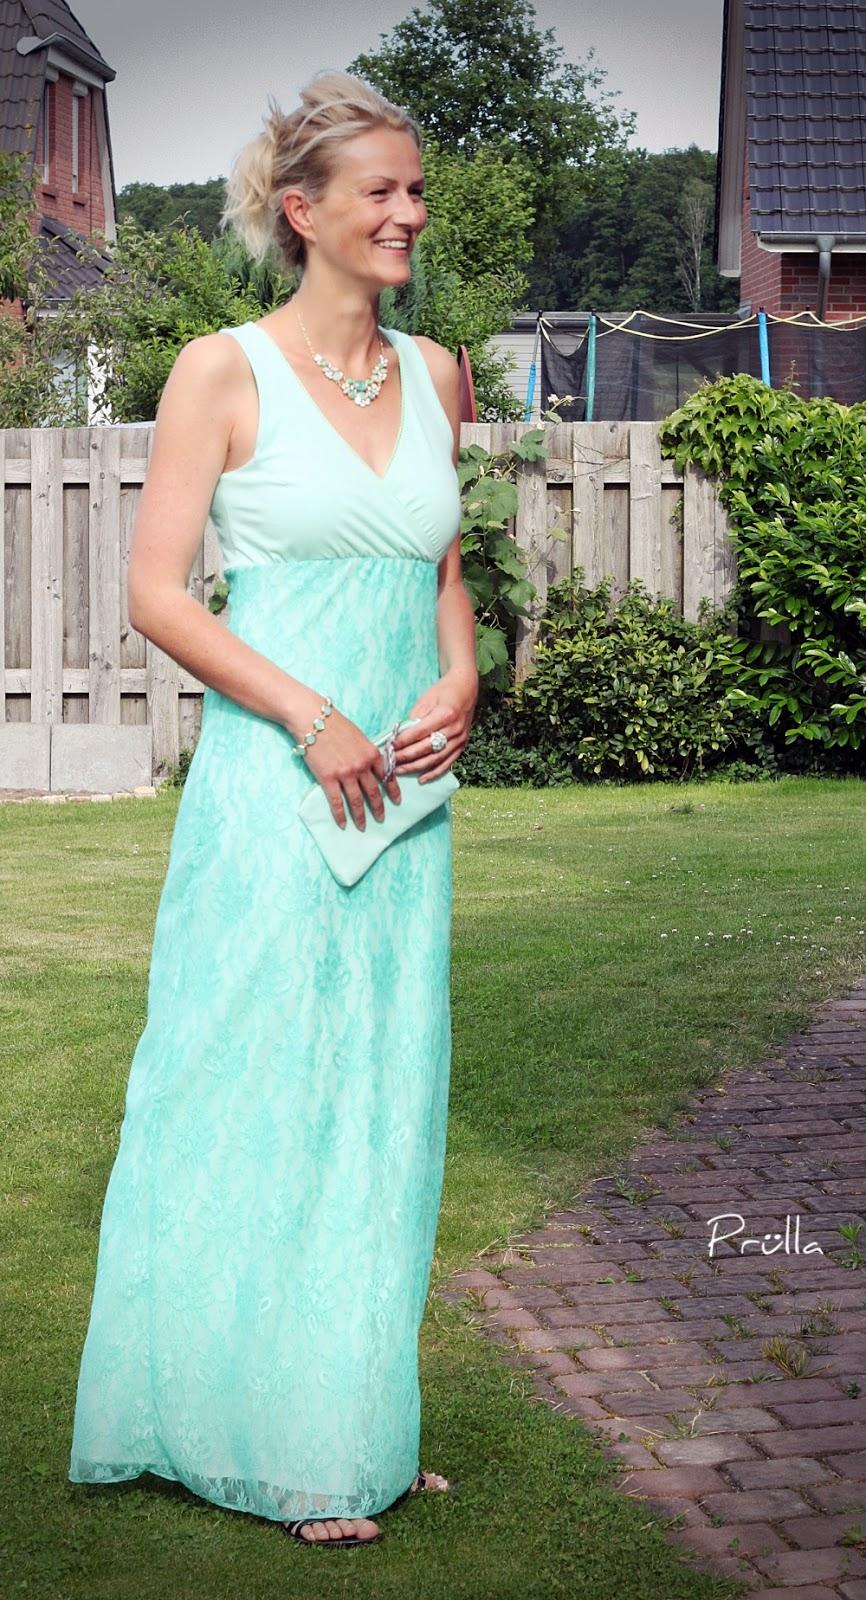 Frau Luise wird zum Maxikleid und geht zur Hochzeit – Prülla